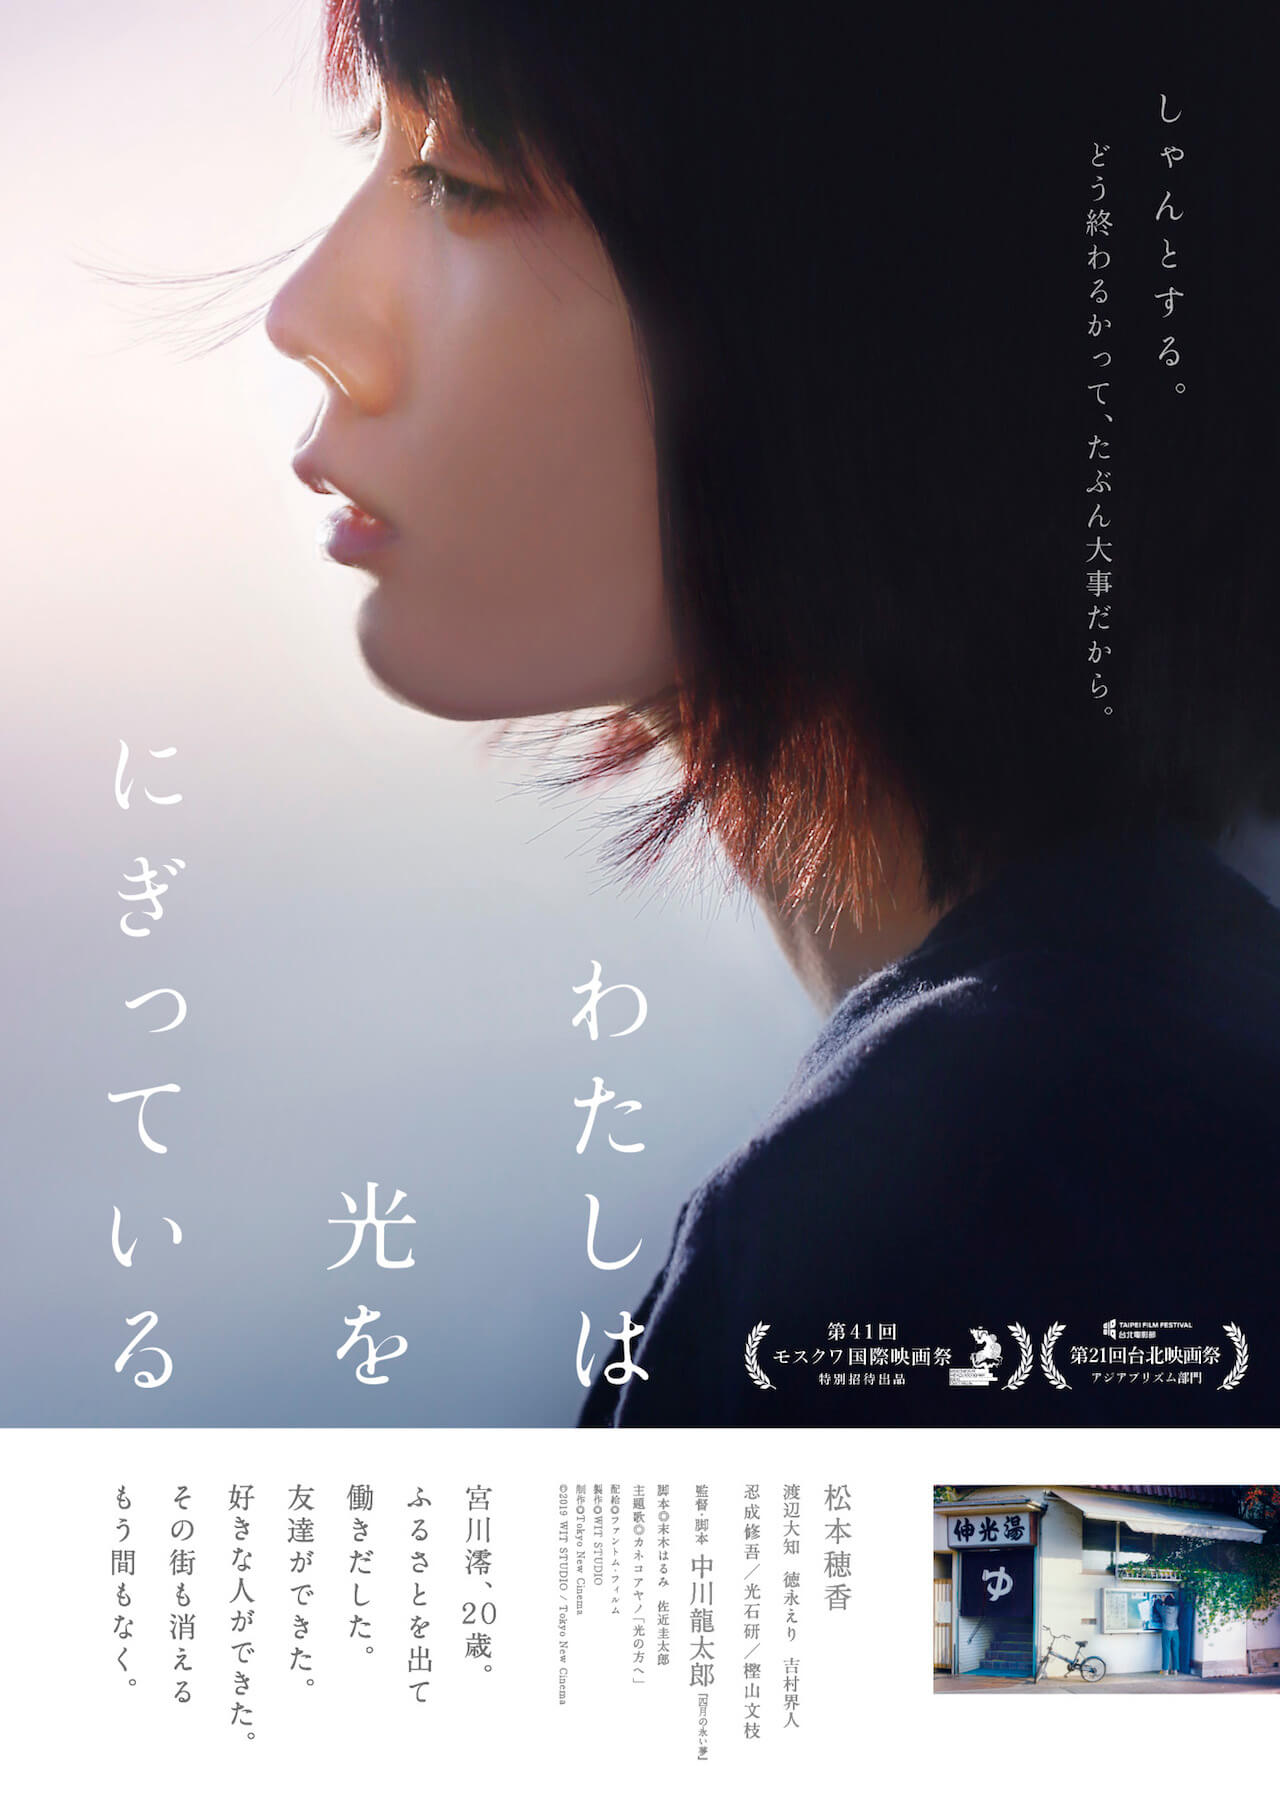 カネコアヤノ、9月発売の新AL『燦々』収録曲「光の方へ」のMVを公開|監督は岡田貴之 music190820-kanekoayano-3